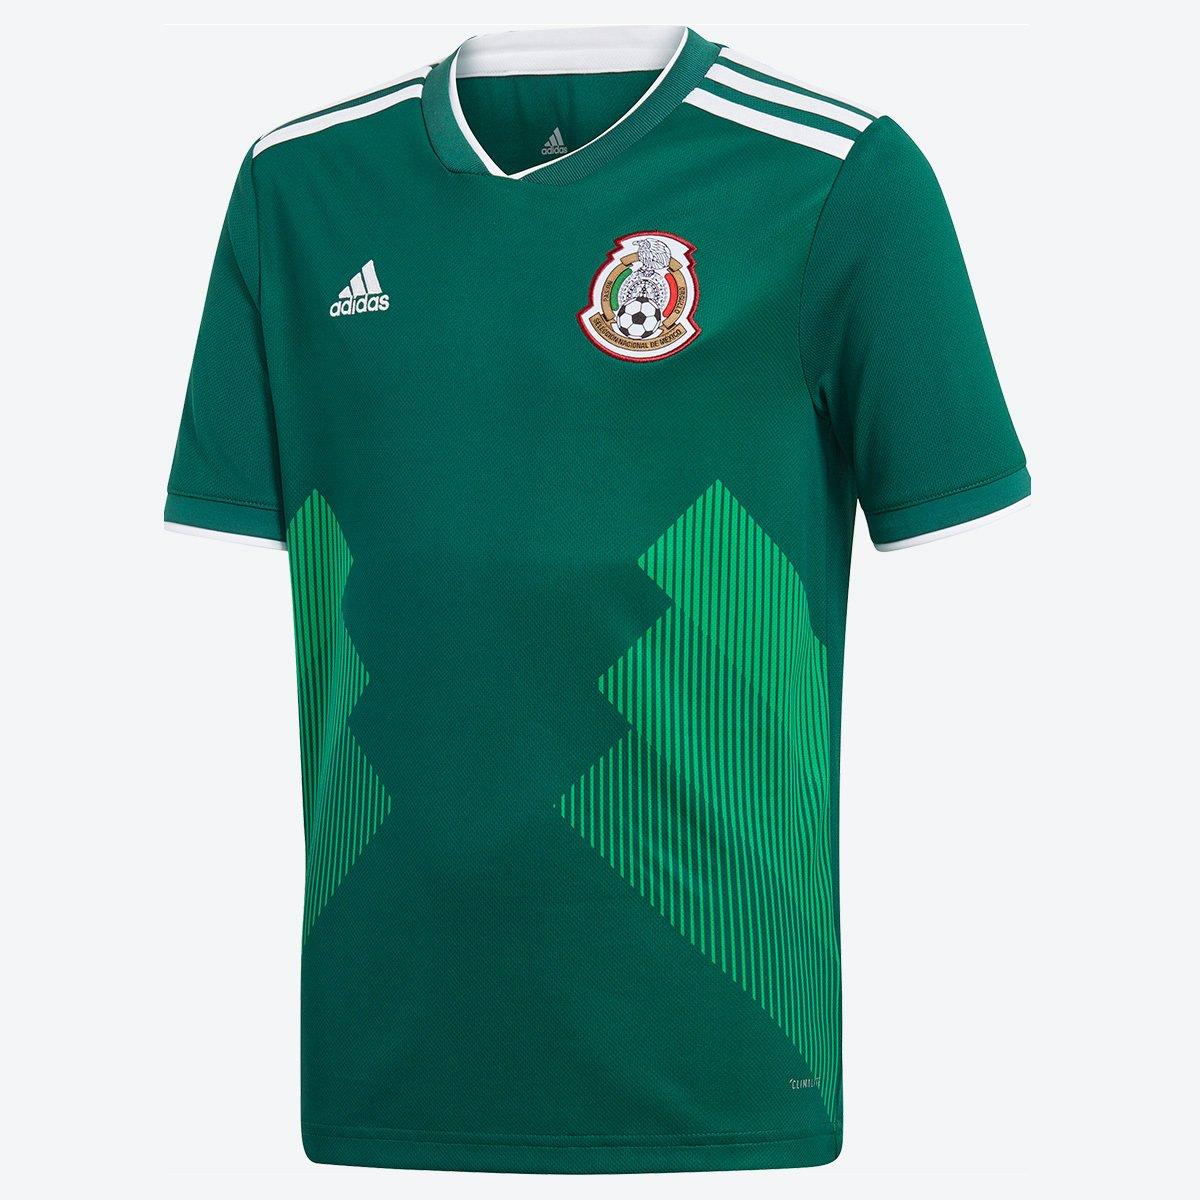 6c639161994b2 Camisa Seleção México Infantil Home 2018 s n° Torcedor Adidas - Verde -  Compre Agora